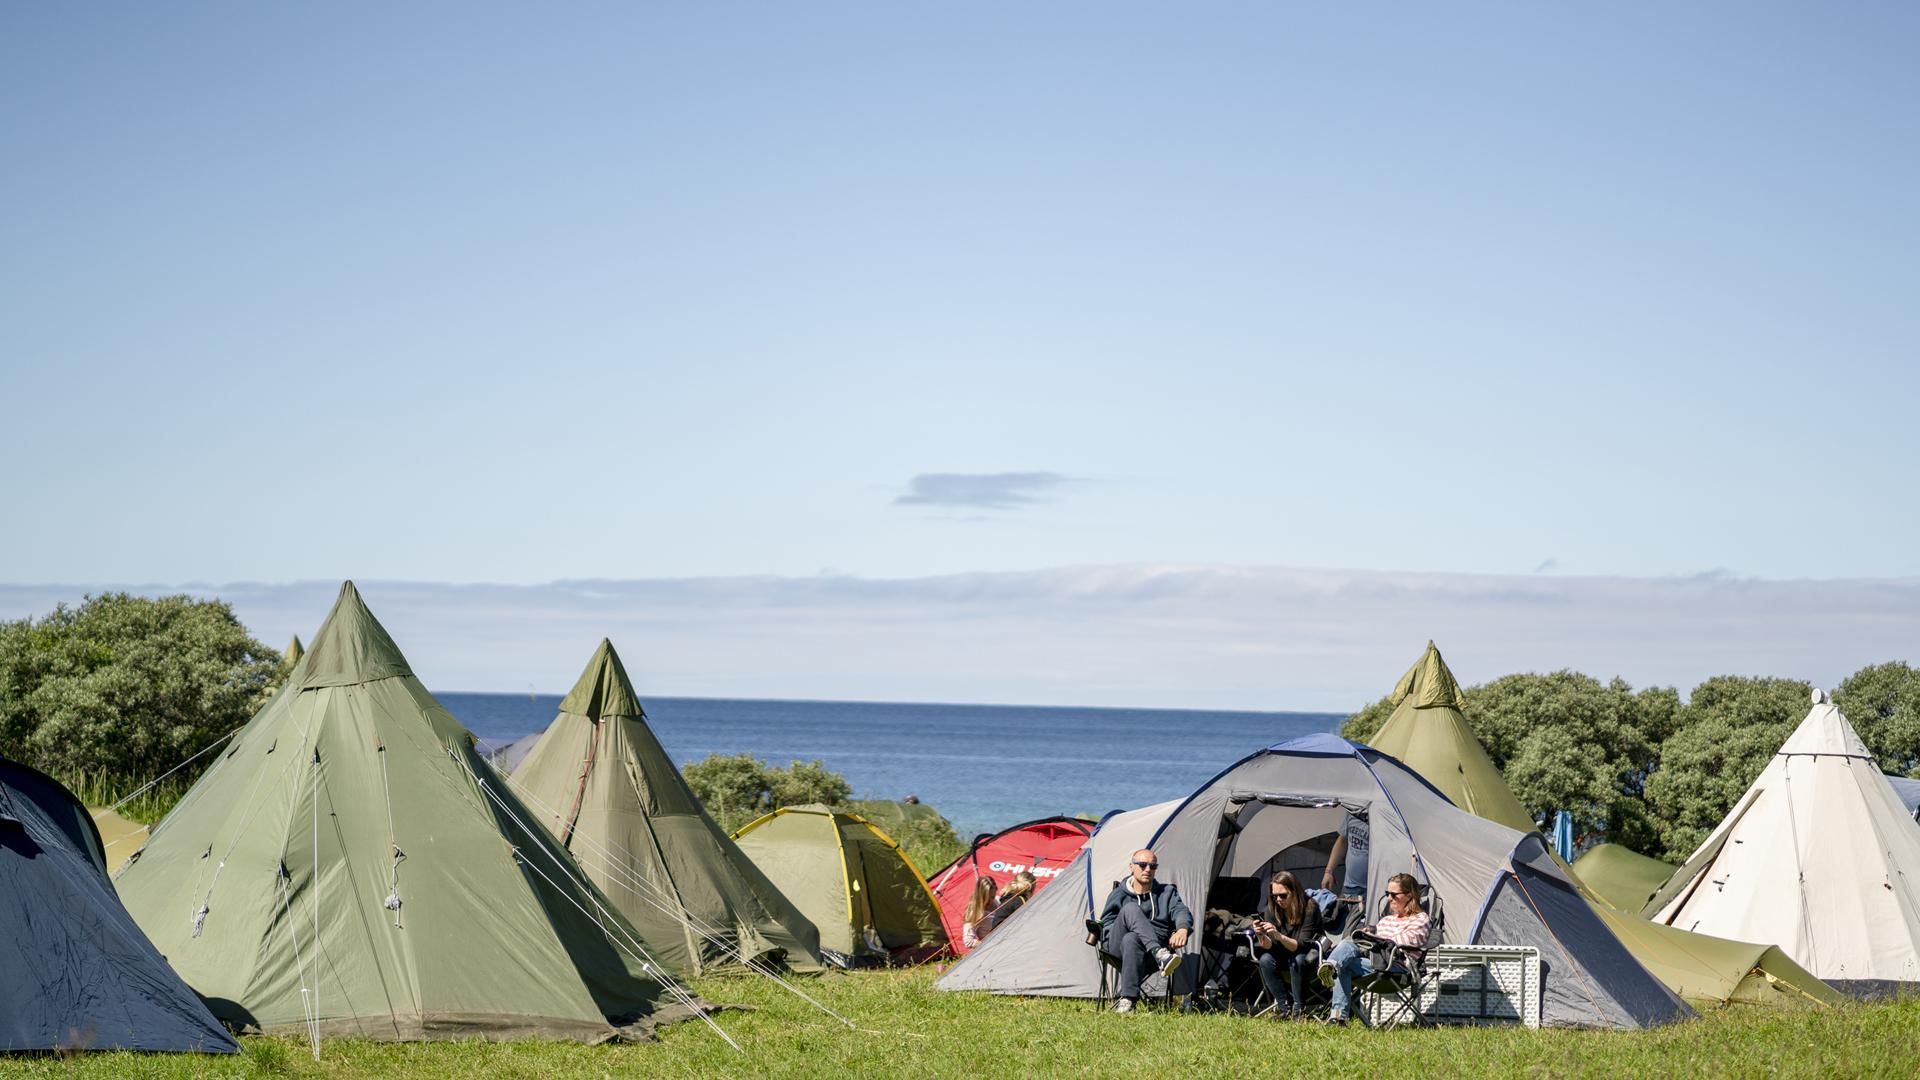 UTSOLGT!Strandcampen på Stokkøya Sjøsenter - Den mest eksklusive teltplassen under Stokkøya Festival, rett ved den 400 meter lange sandstranda Hosnasand og Strandbaren. Her kan du springe rett ut av teltet for en herlig morgendukkert. Strandcampen er kun for mindre telt.Nytt av 2019 åpner vi festivalcampen allerede torsdag ettermiddag!Kun plass til vanlige fjelltelt og små lavvoer.Avstander:5-30 m til Strandbaren - 5-30 m til stranda - 900 m til festivalområdet